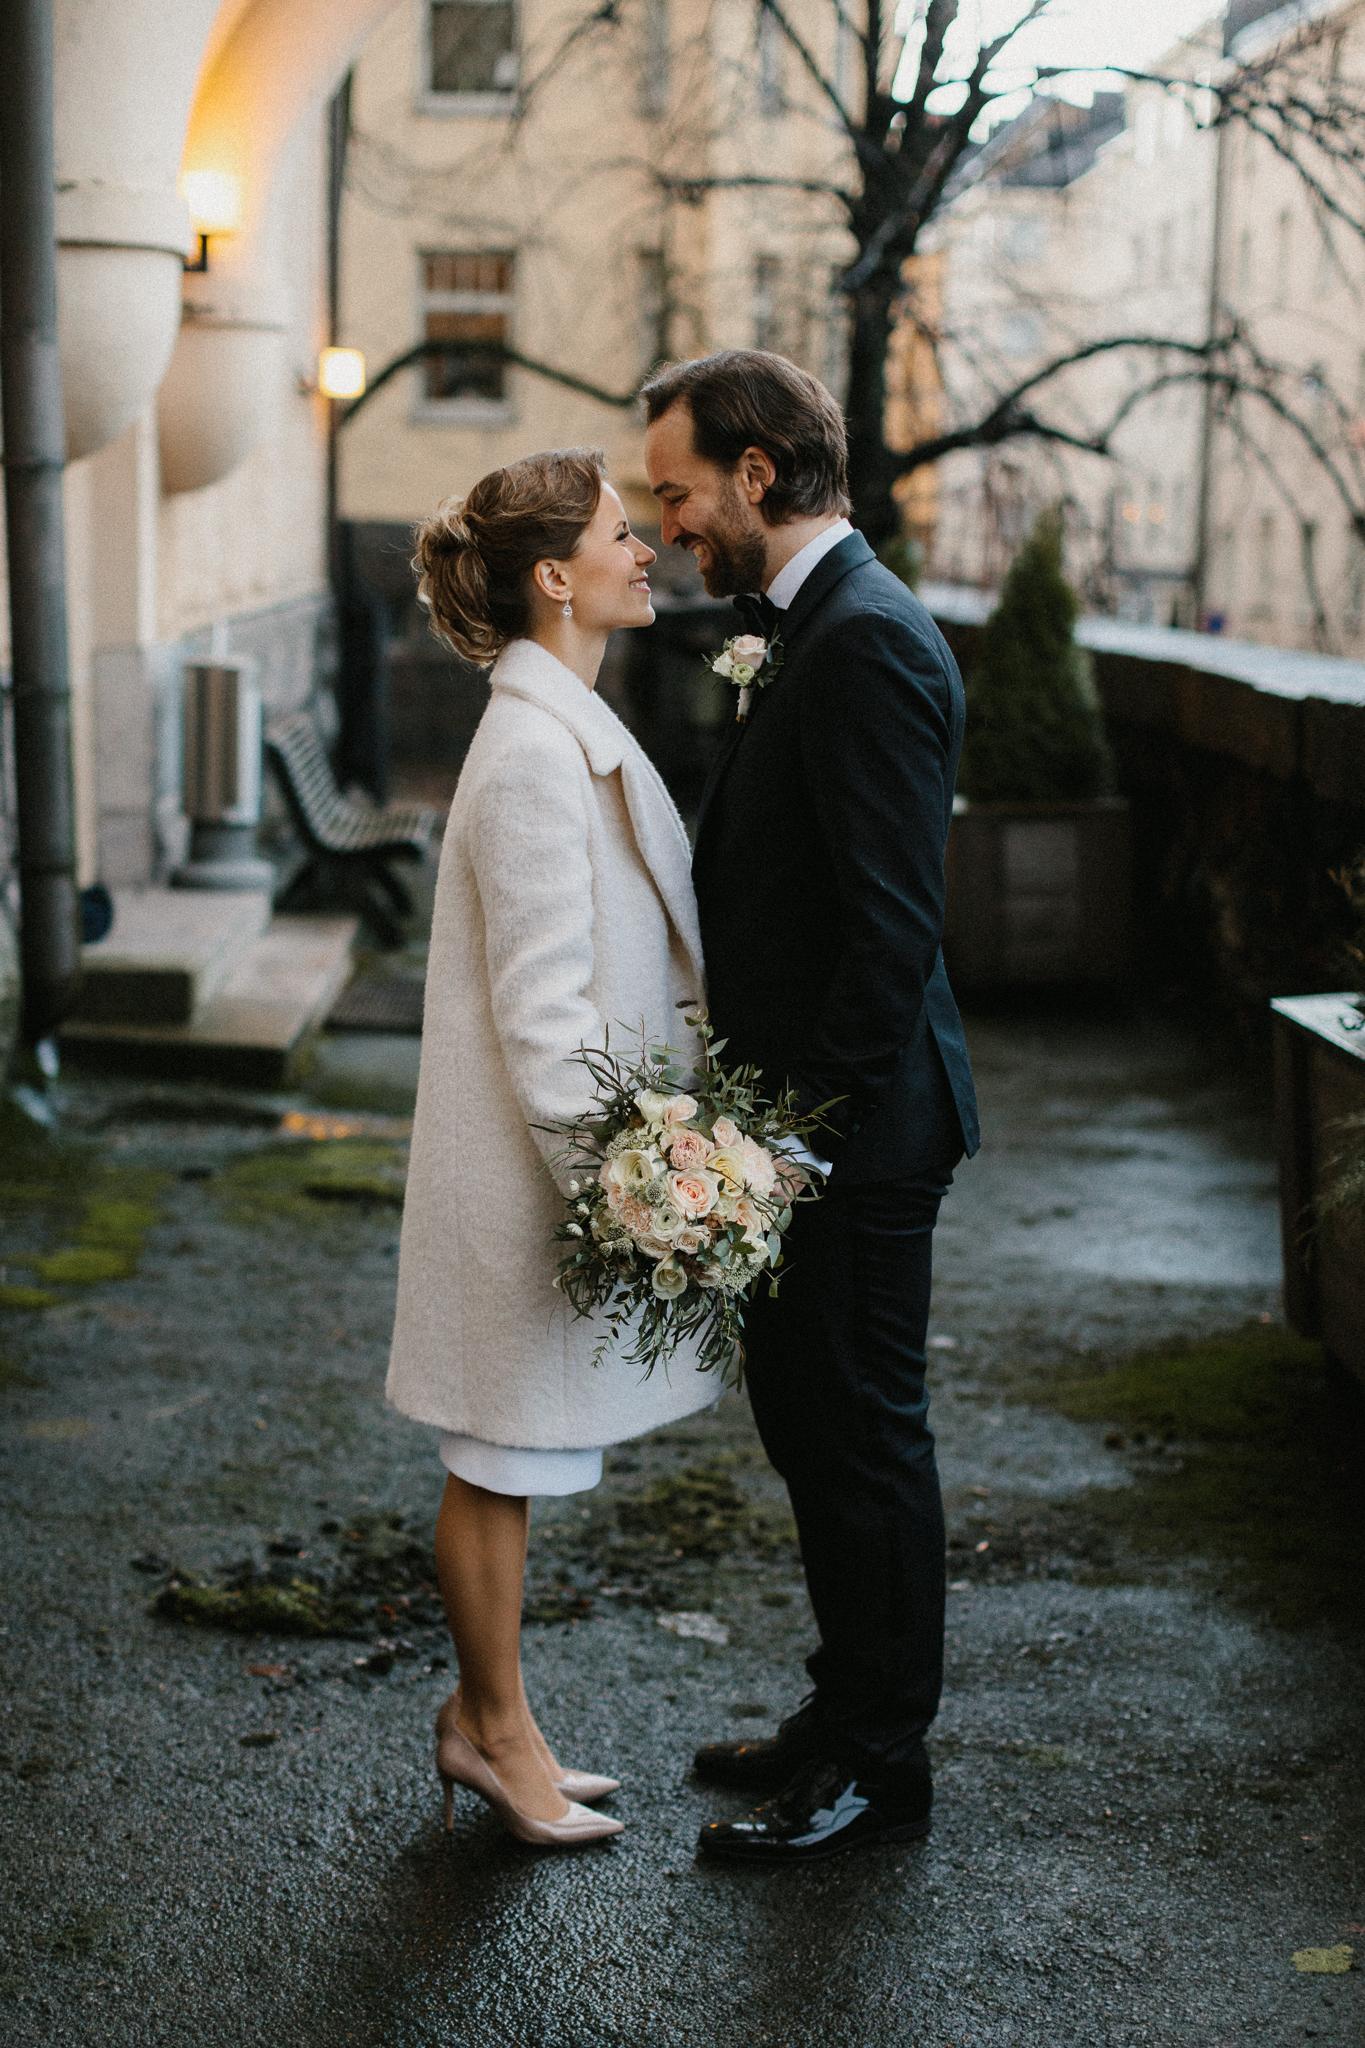 Maria + Topi | Photo by Patrick Karkkolainen Wedding Photographer | Helsinki Wedding Photographer-28.jpg